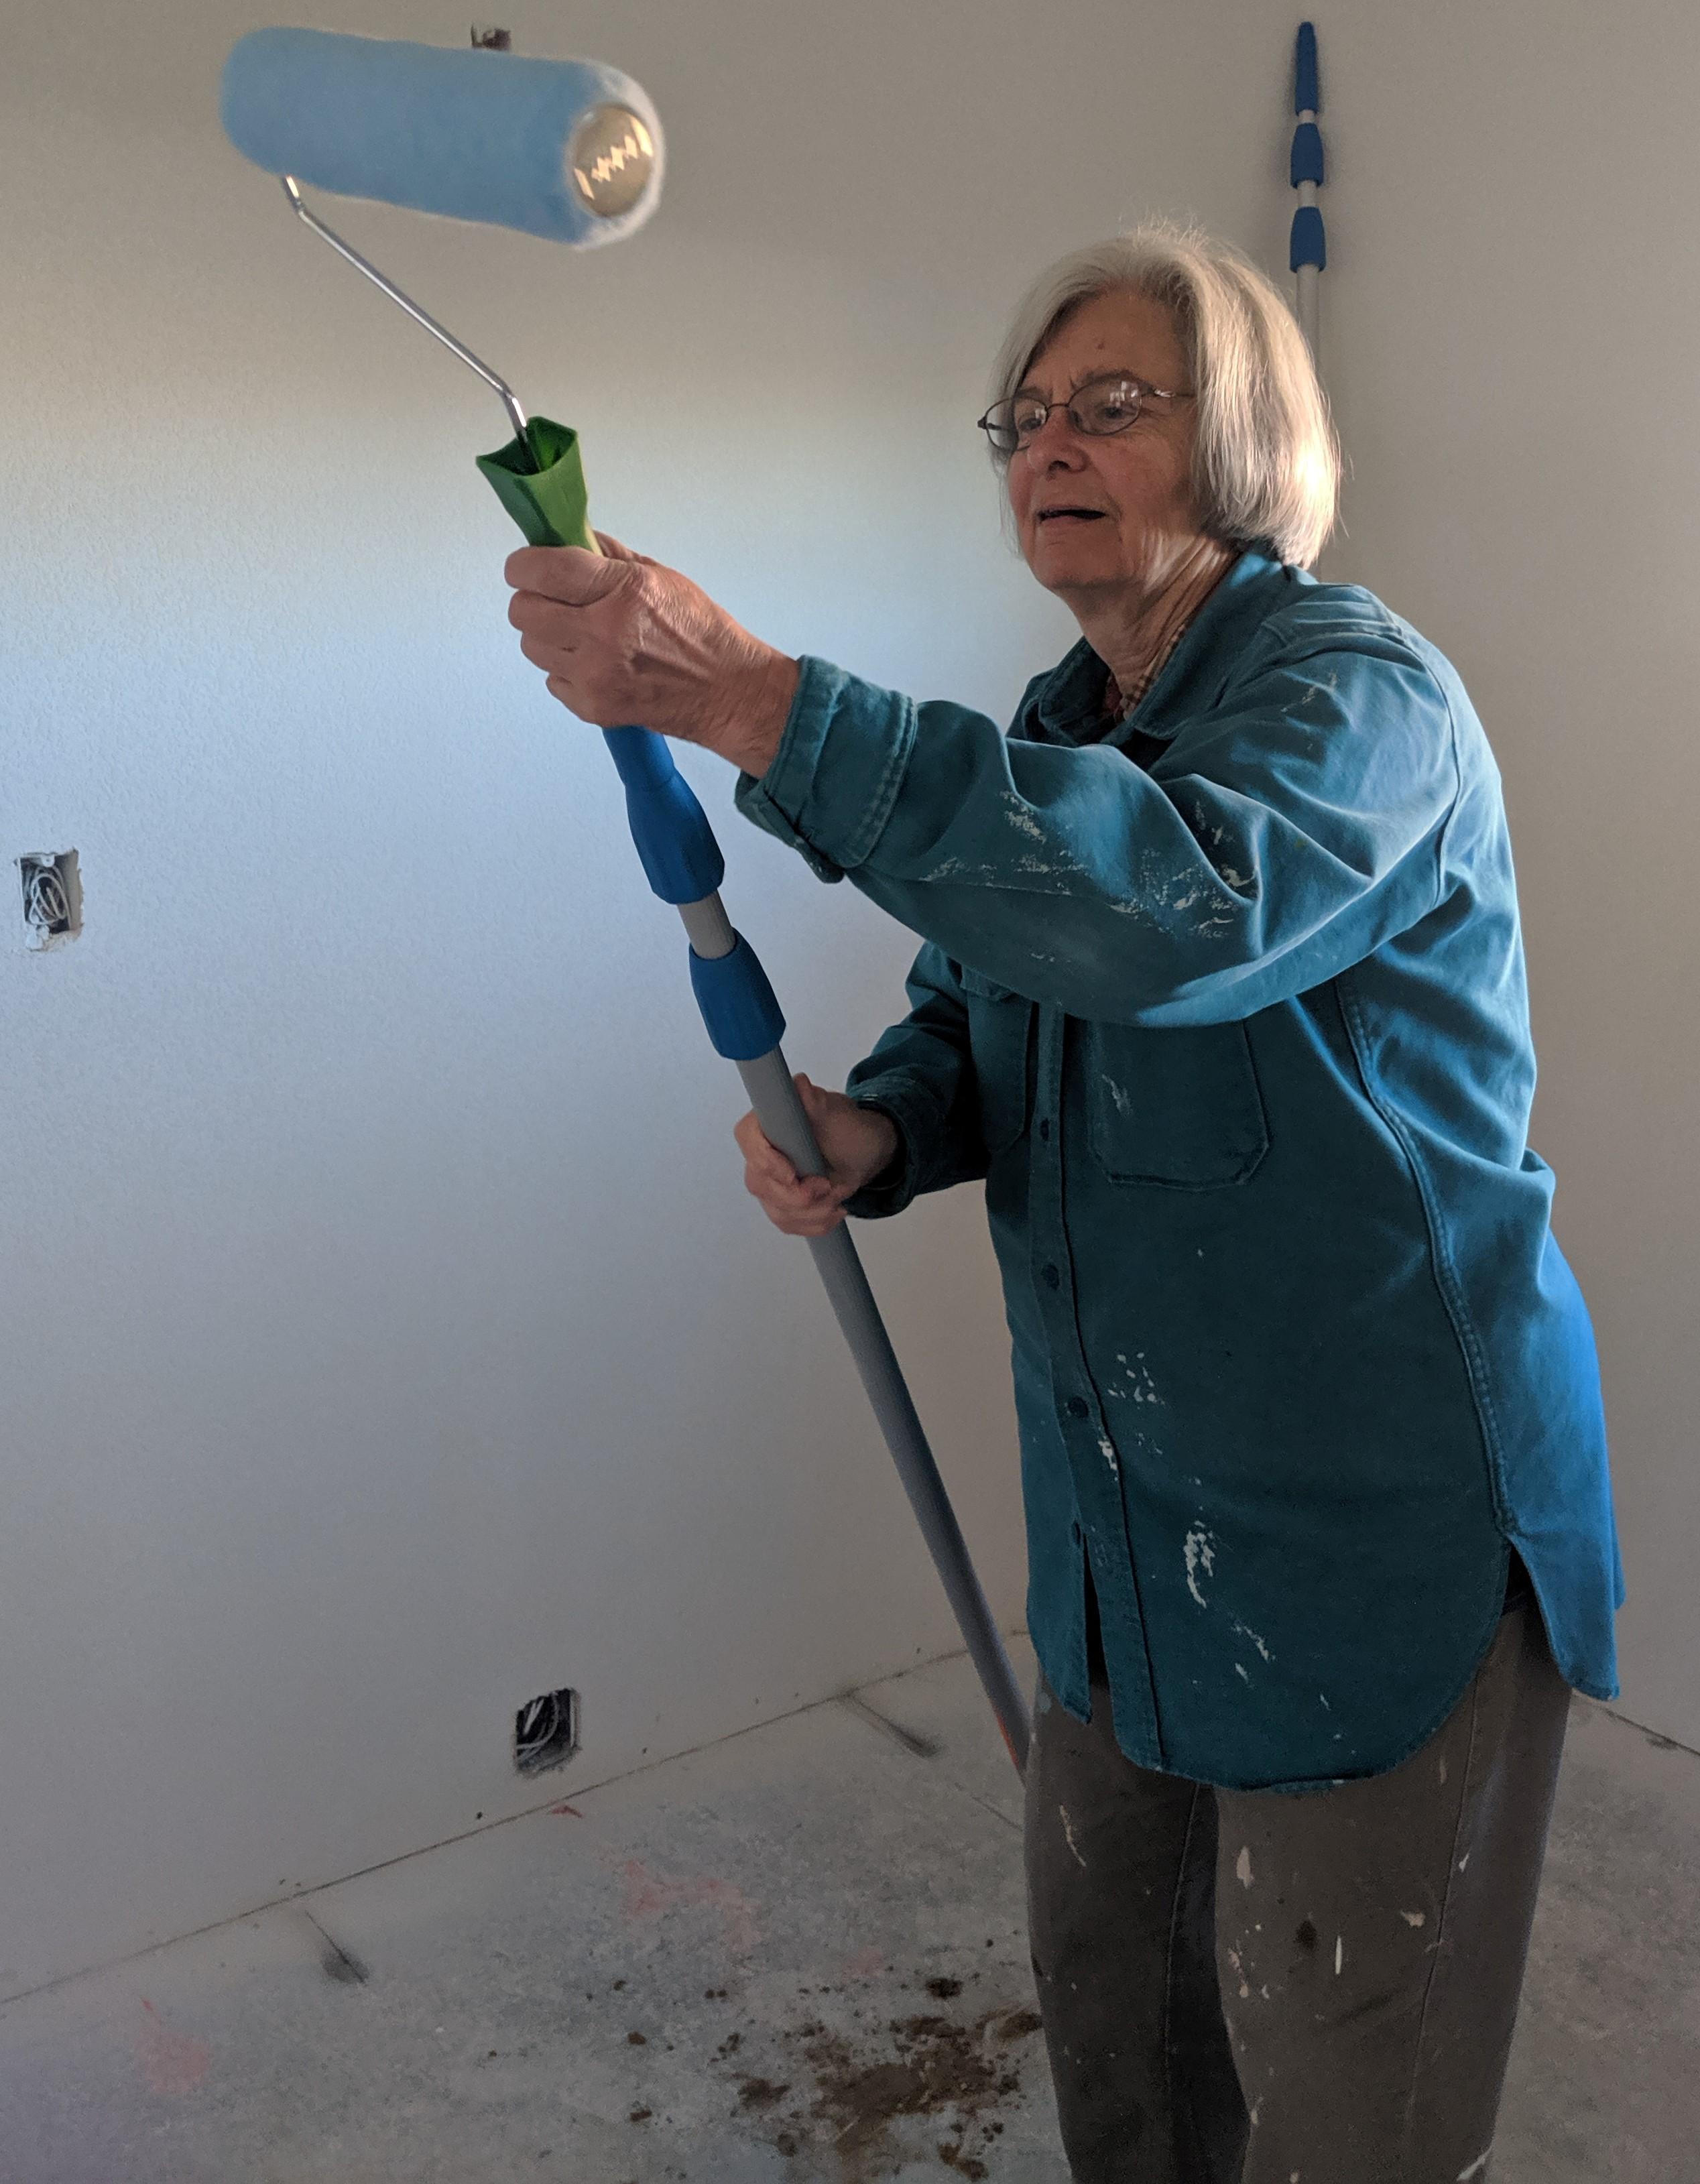 Carol Matheis-Kraft painting at Micah Homes Oct. 2019